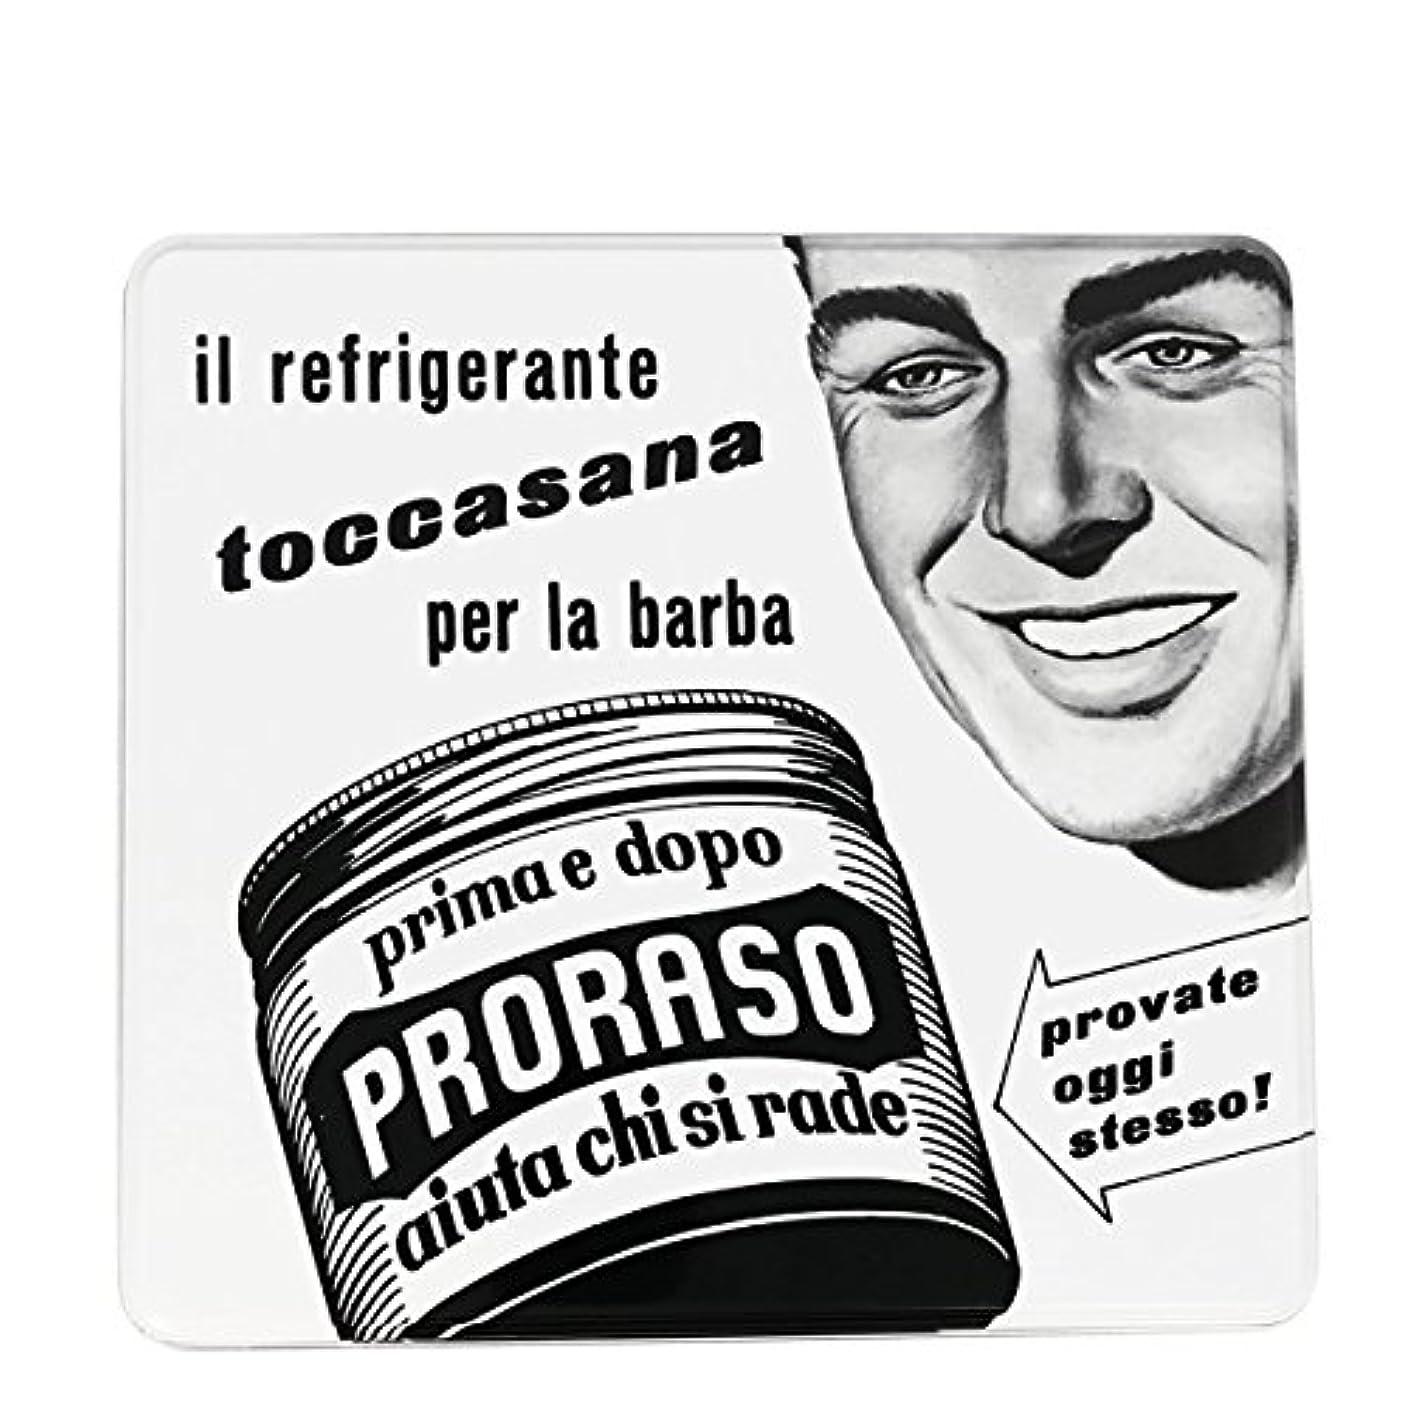 平行独裁者軽Proraso Toccasana ヴィンテージ センシティブ セレクション缶 - White Range[海外直送品] [並行輸入品]